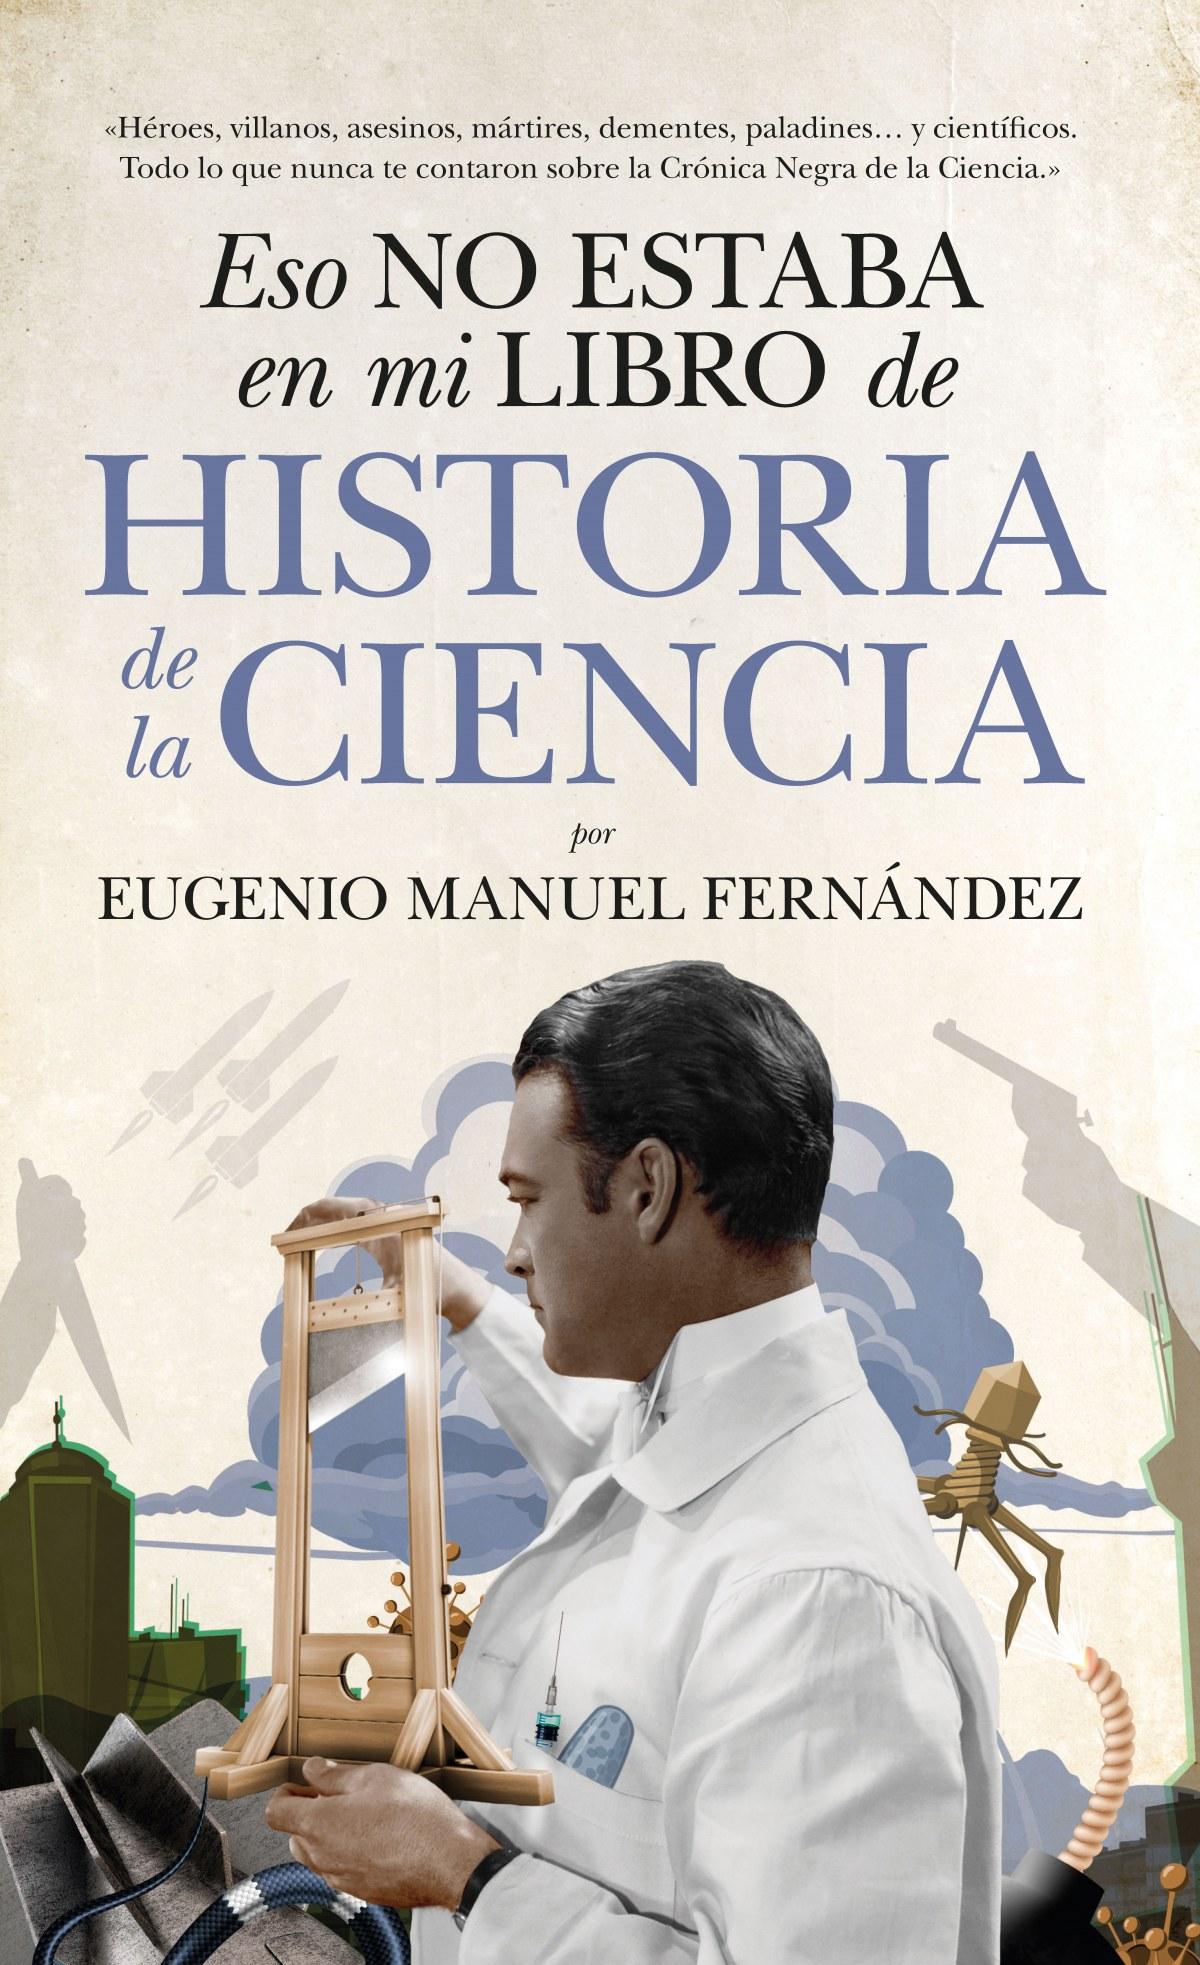 ESO NO ESTABA EN MI LIBRO DE HISTORIA DE LA CIENCIA